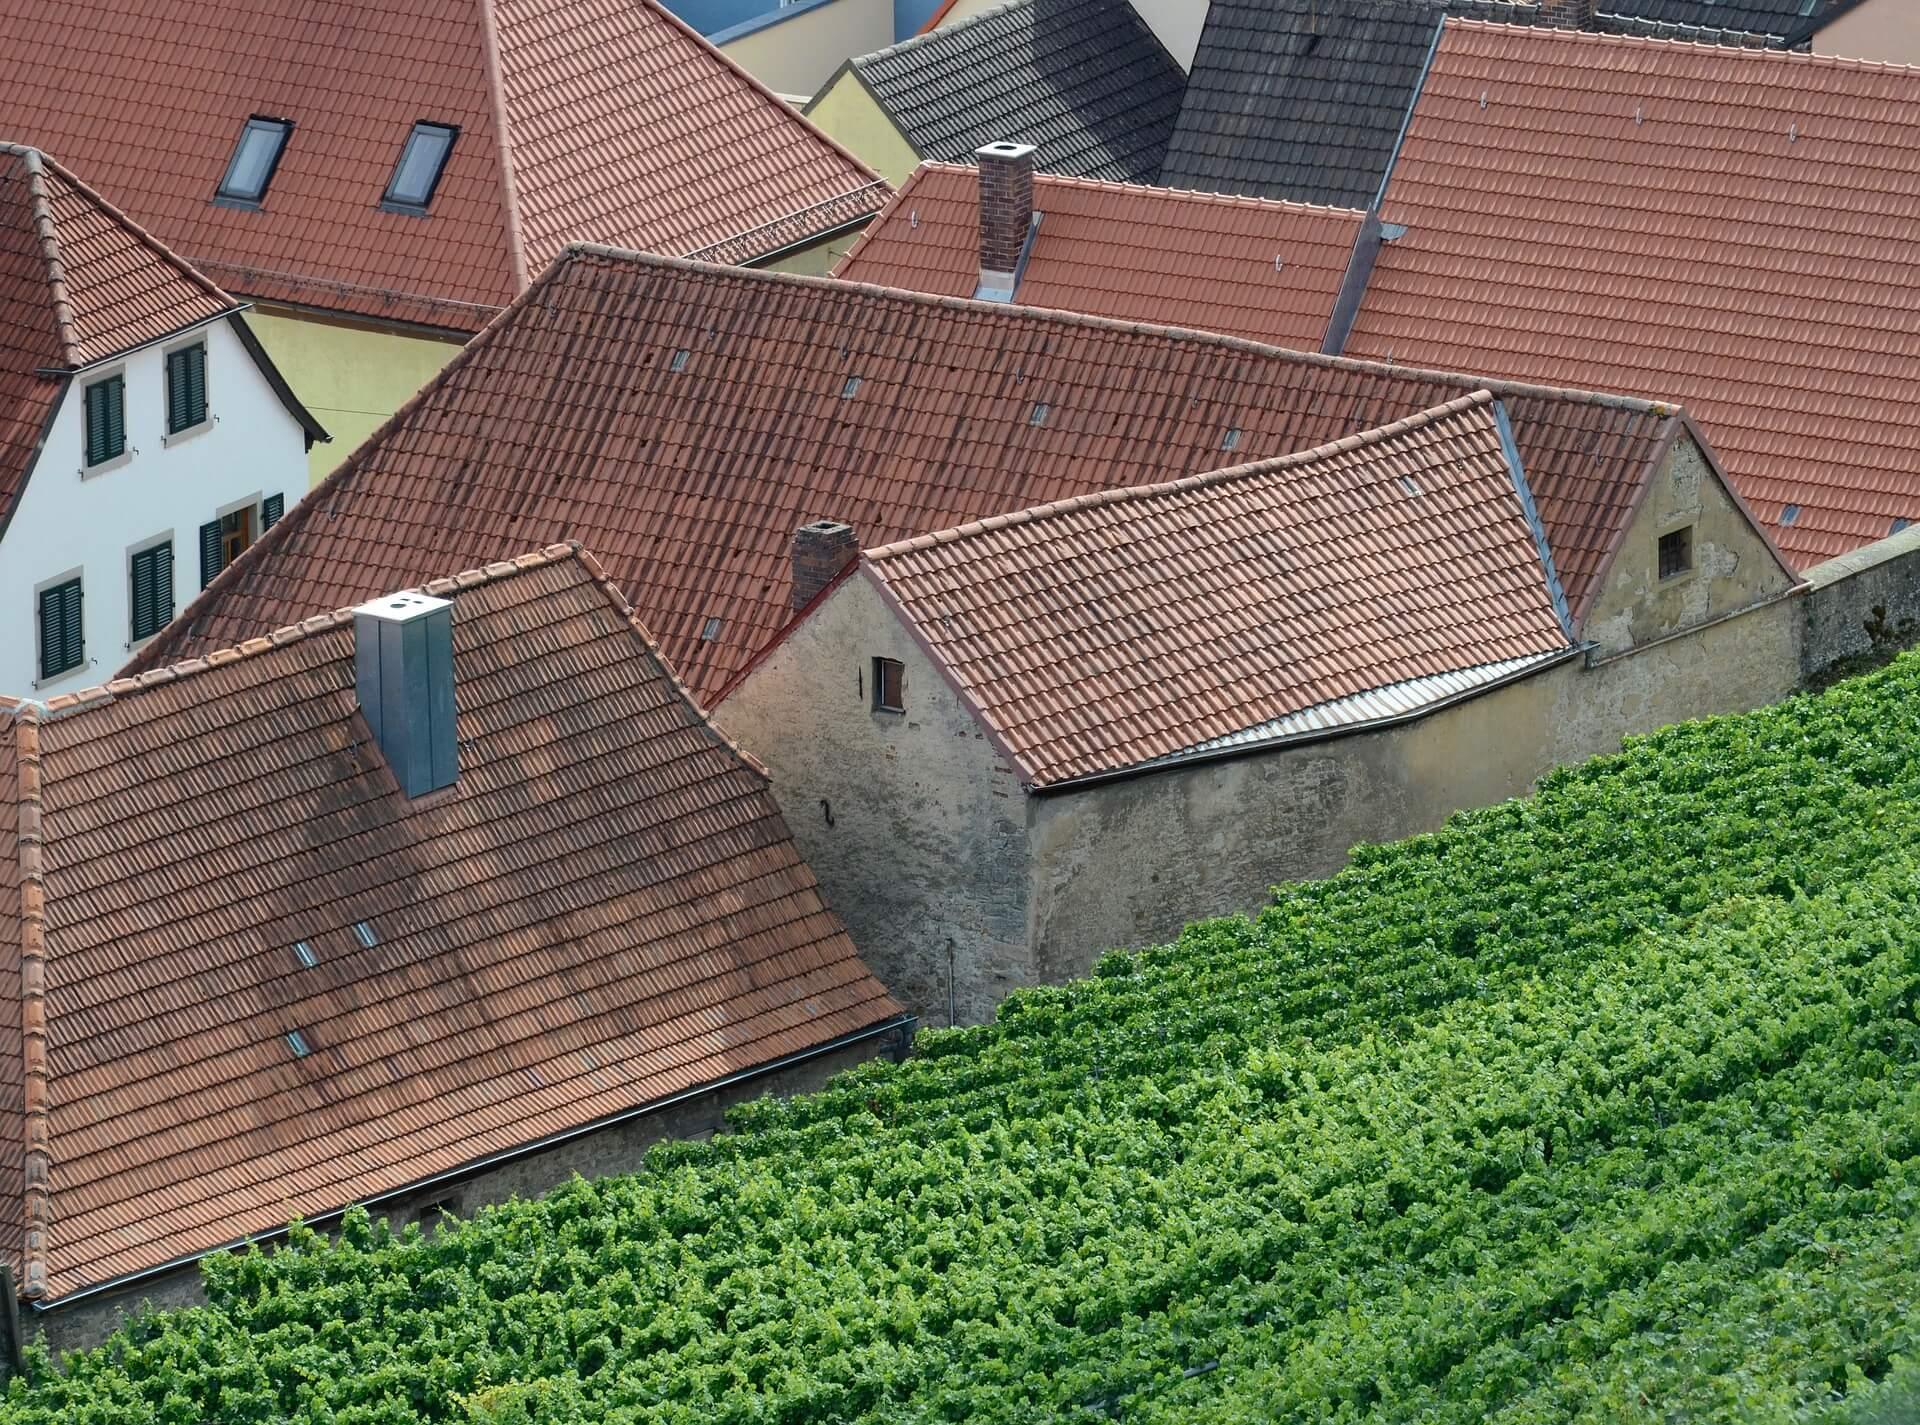 Vignoble à proximité d'habitations